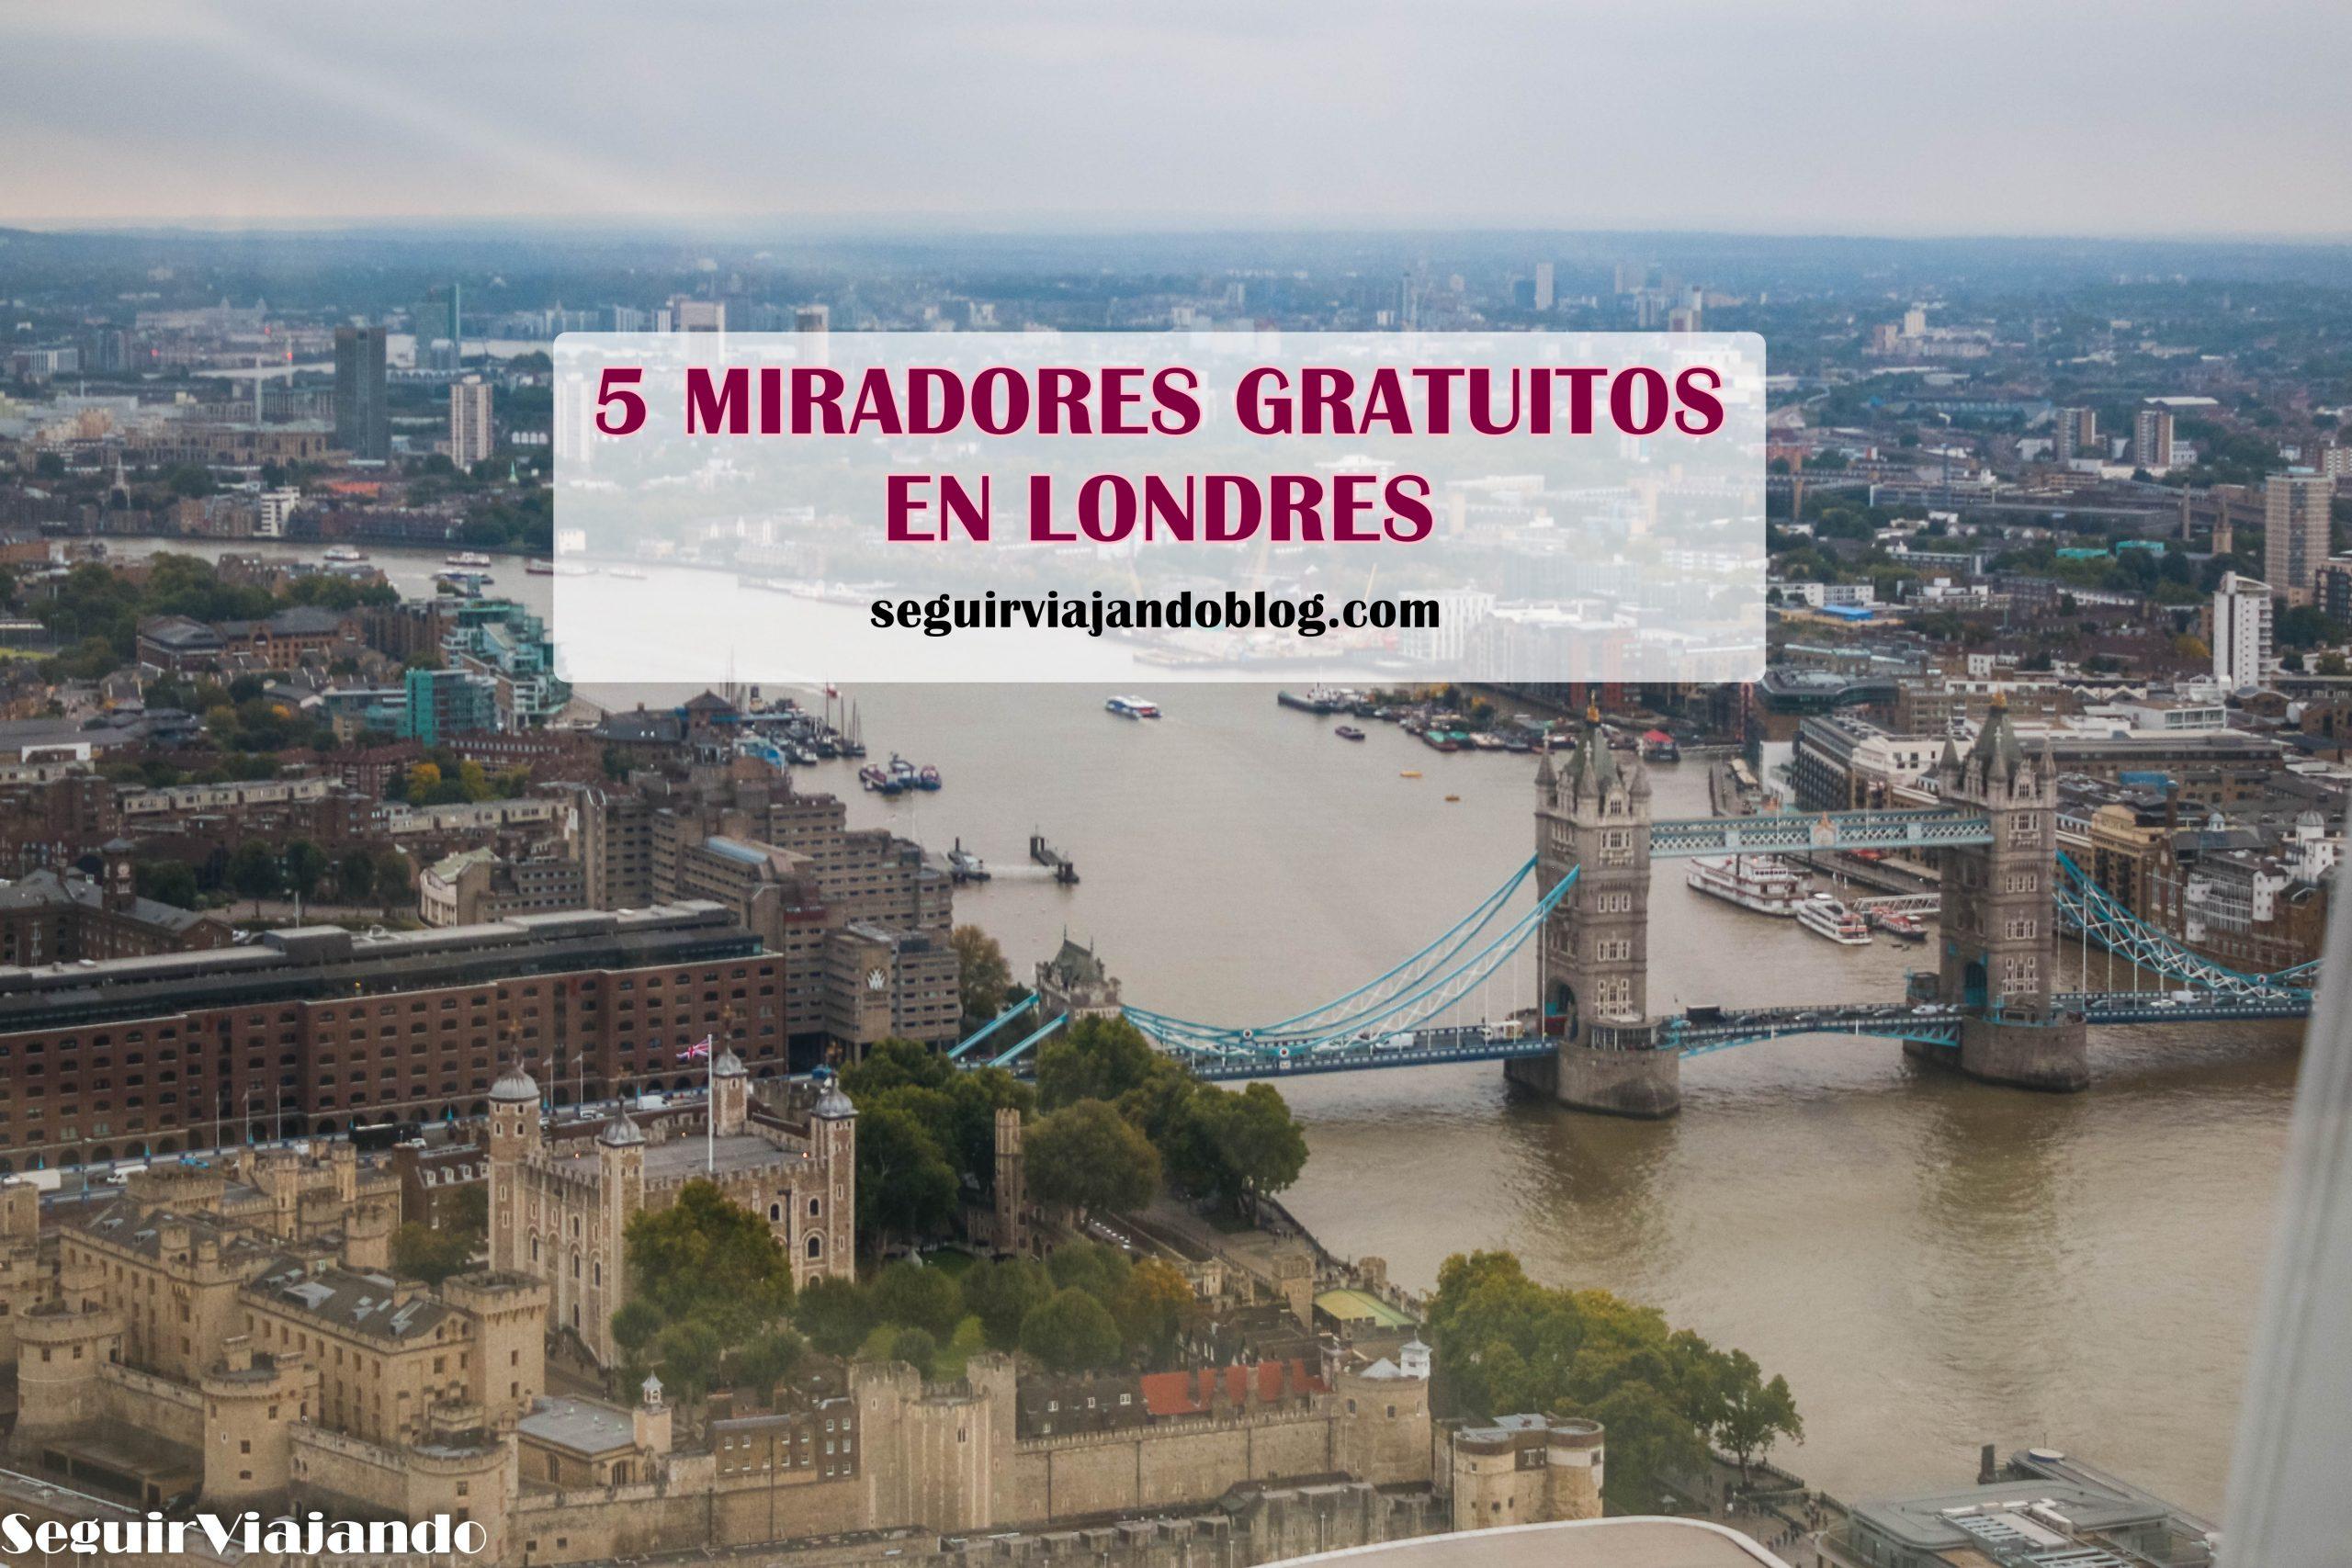 Miradores gratis de Londres - Seguir Viajando